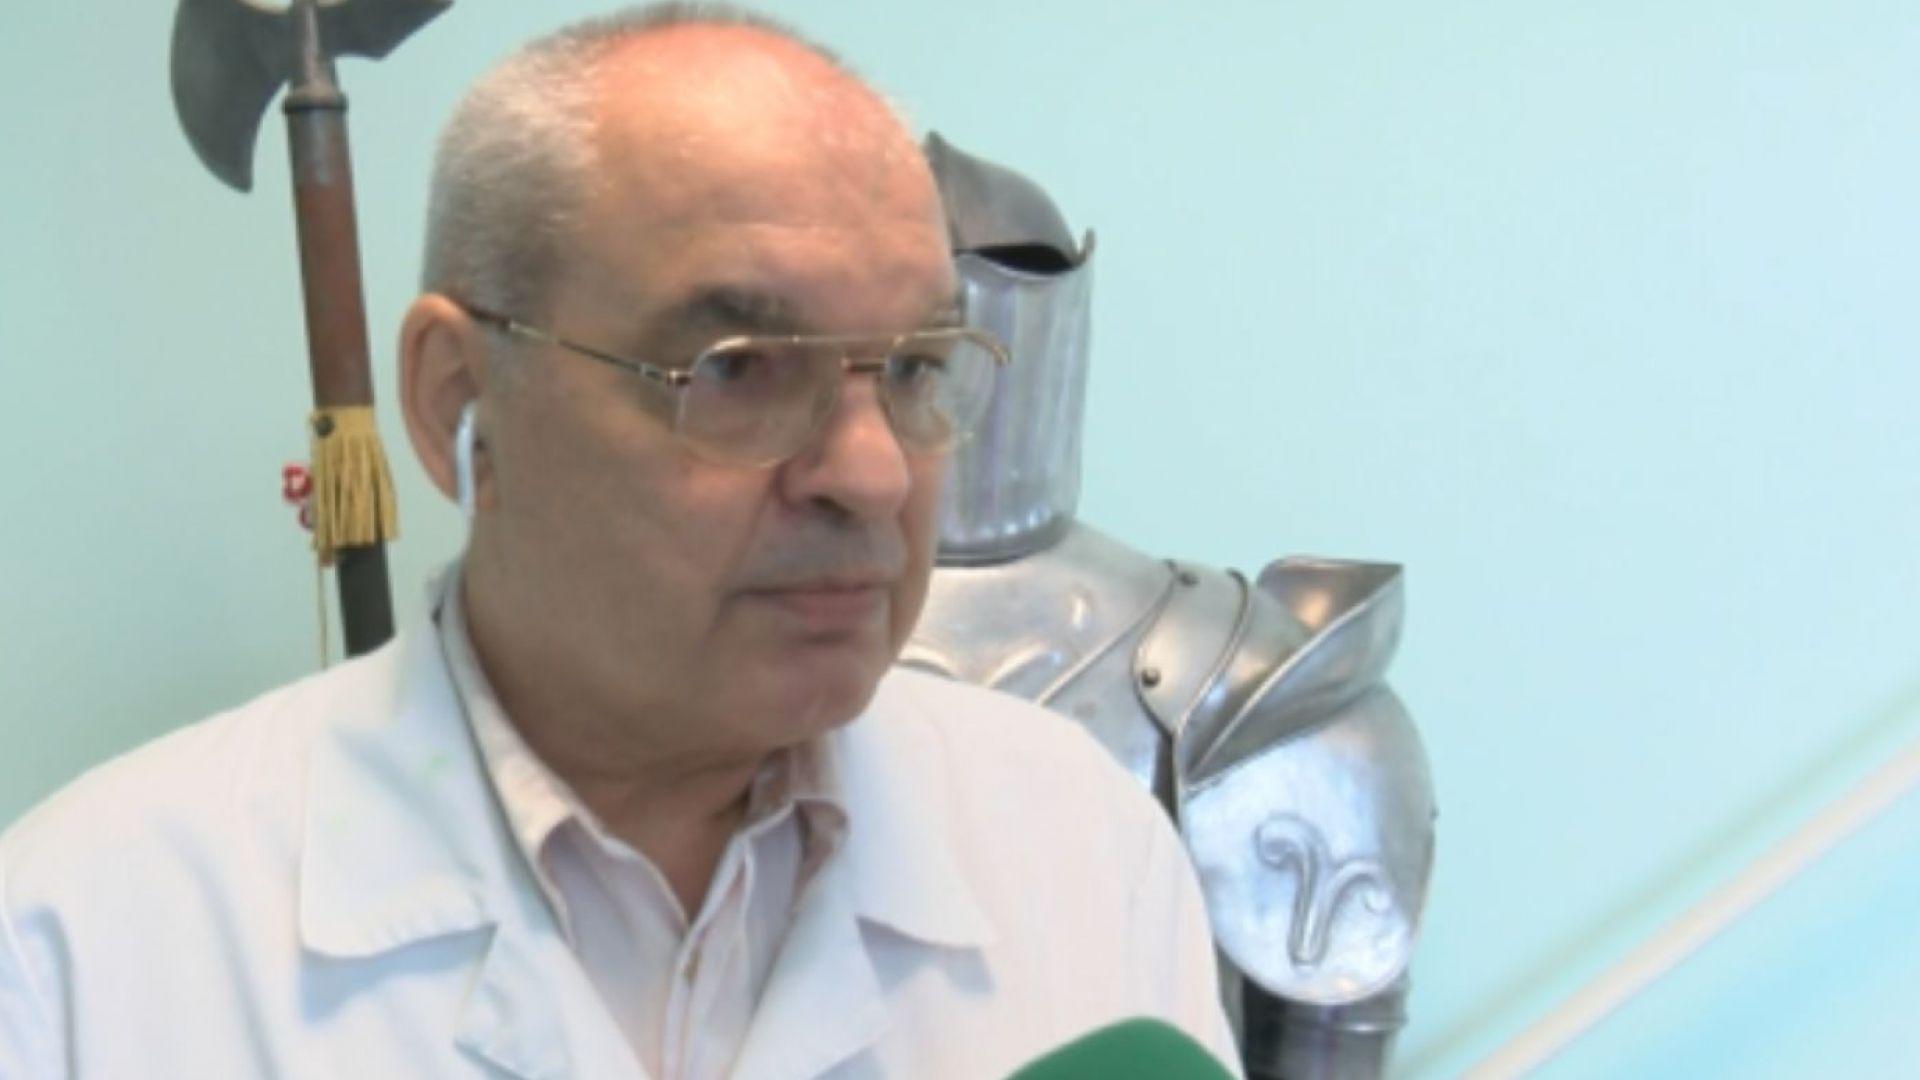 Професорът, изработил уникални протези за малката Еля, е правил роботи